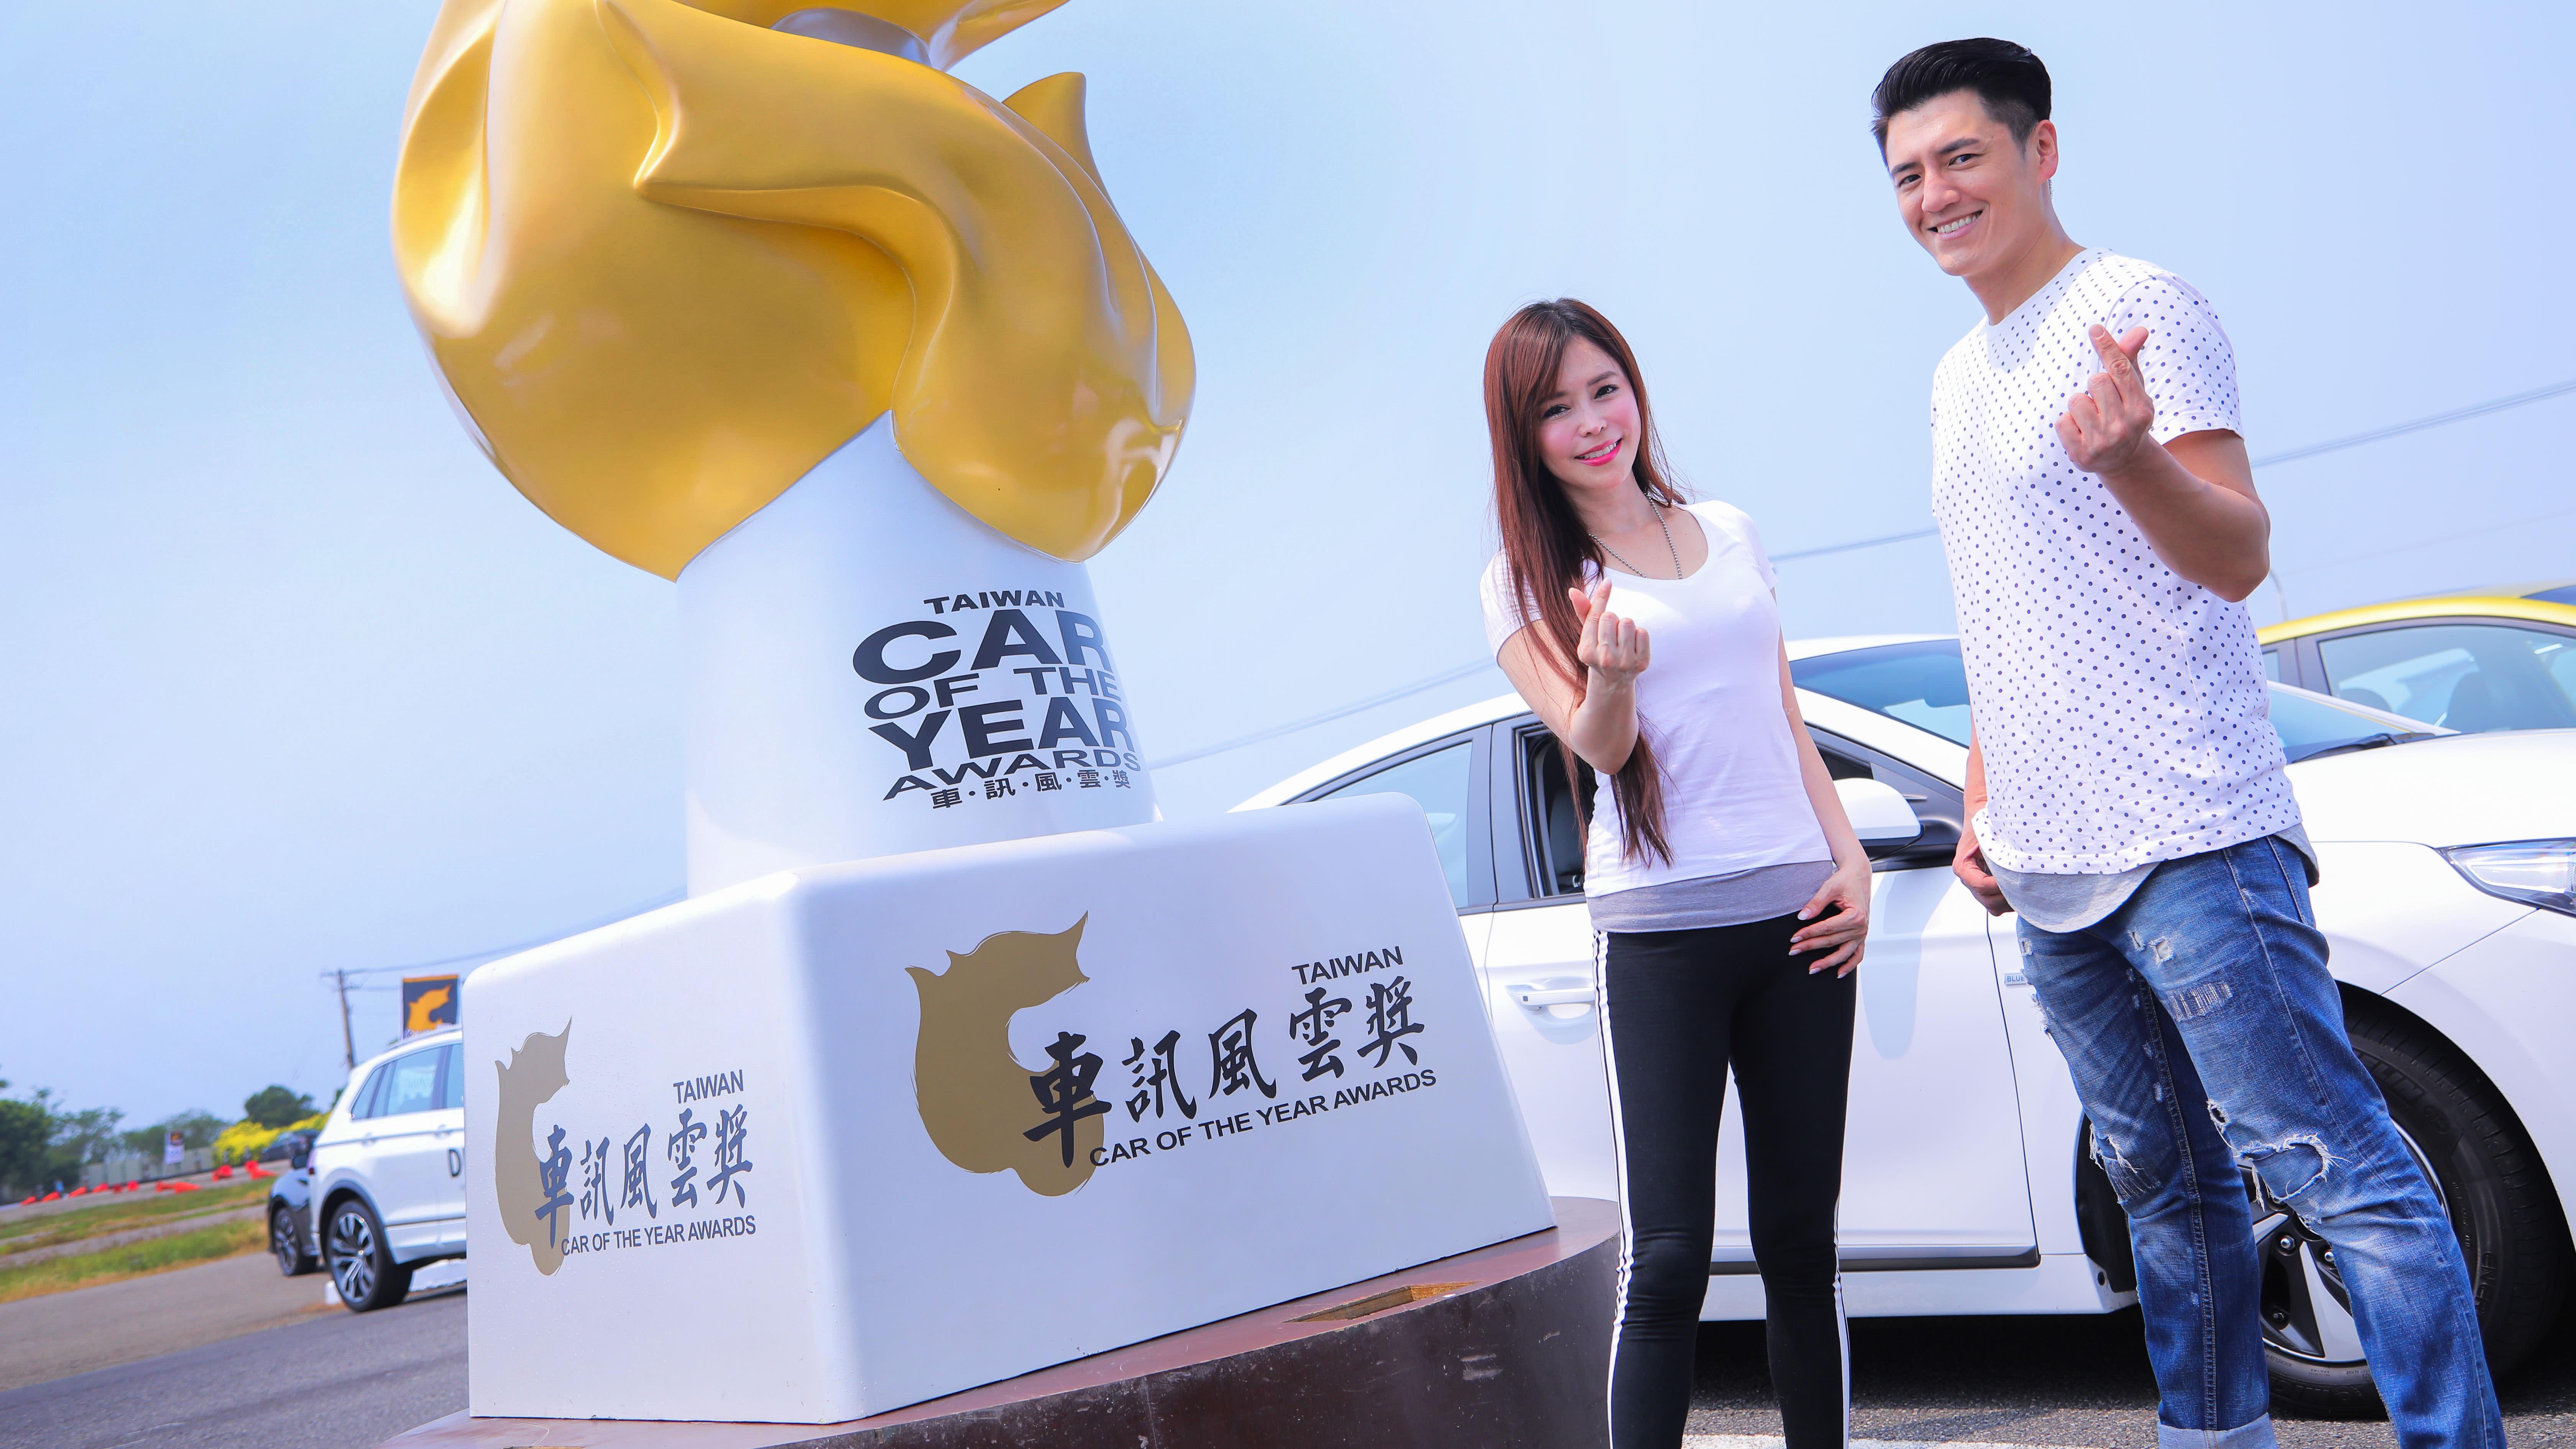 台灣年度風雲車揭曉!2018車訊風雲獎|特別企劃